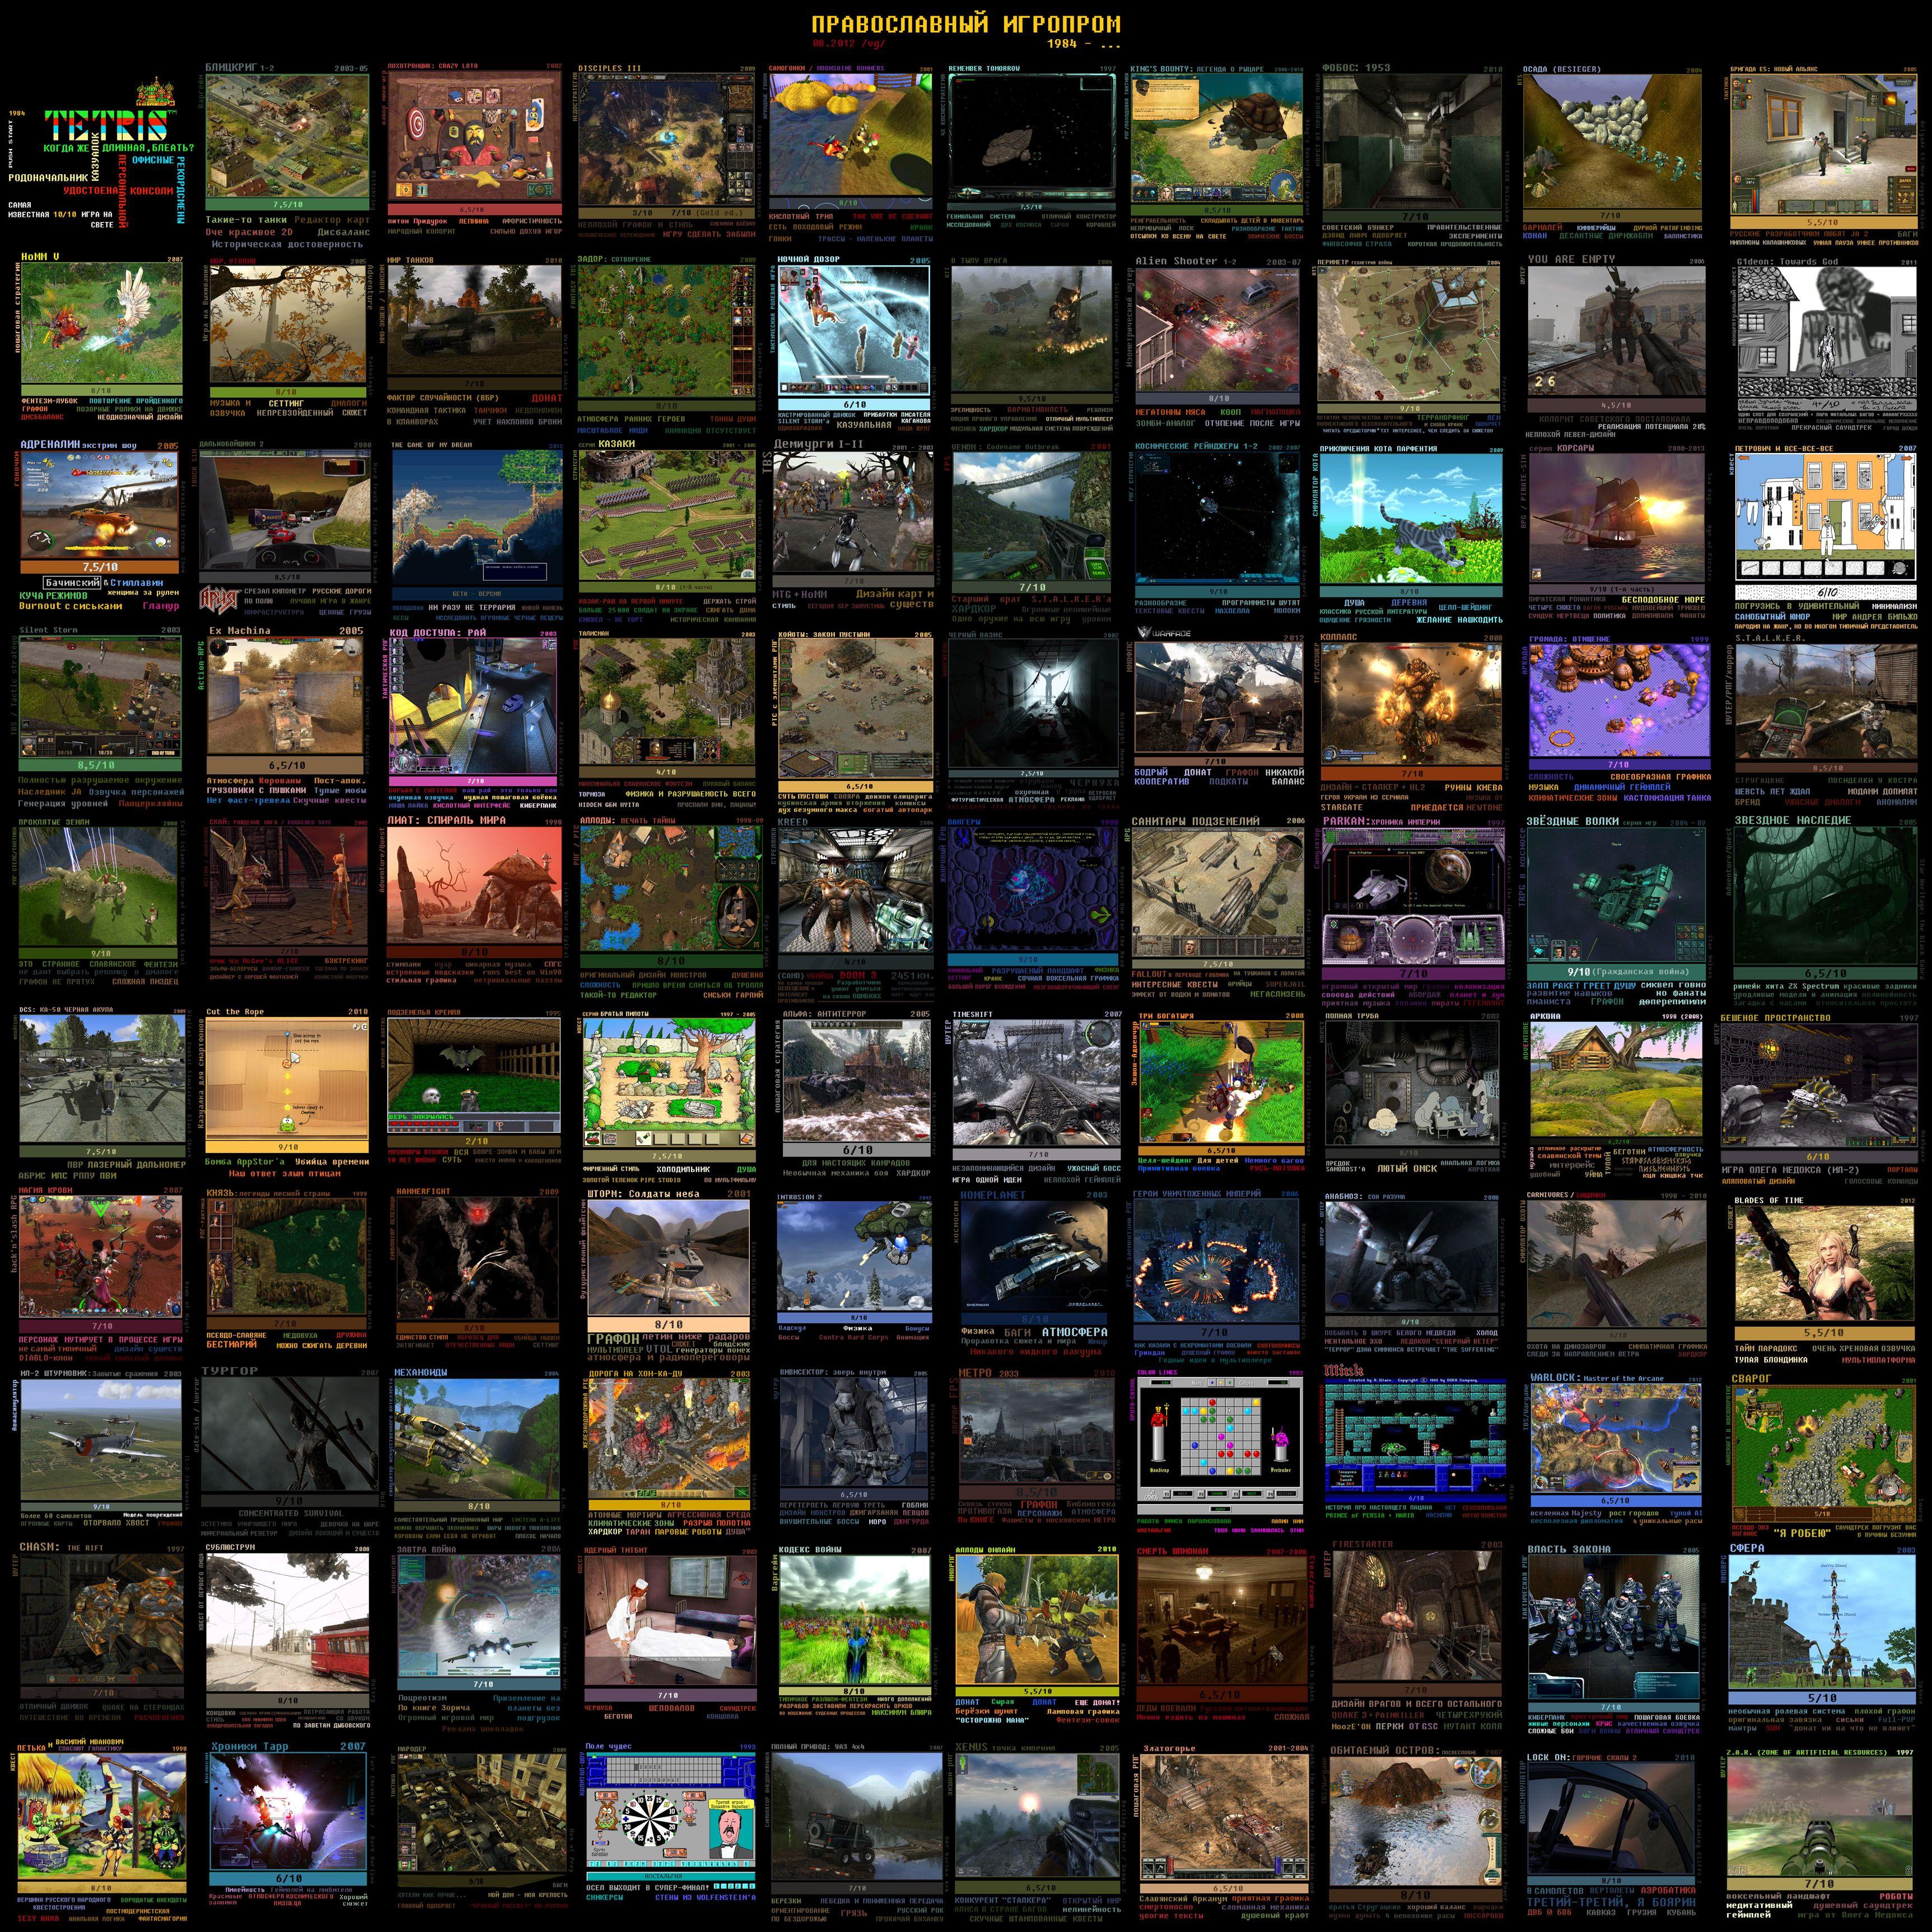 Российские и украинские компьютерные игры - одной картинкой